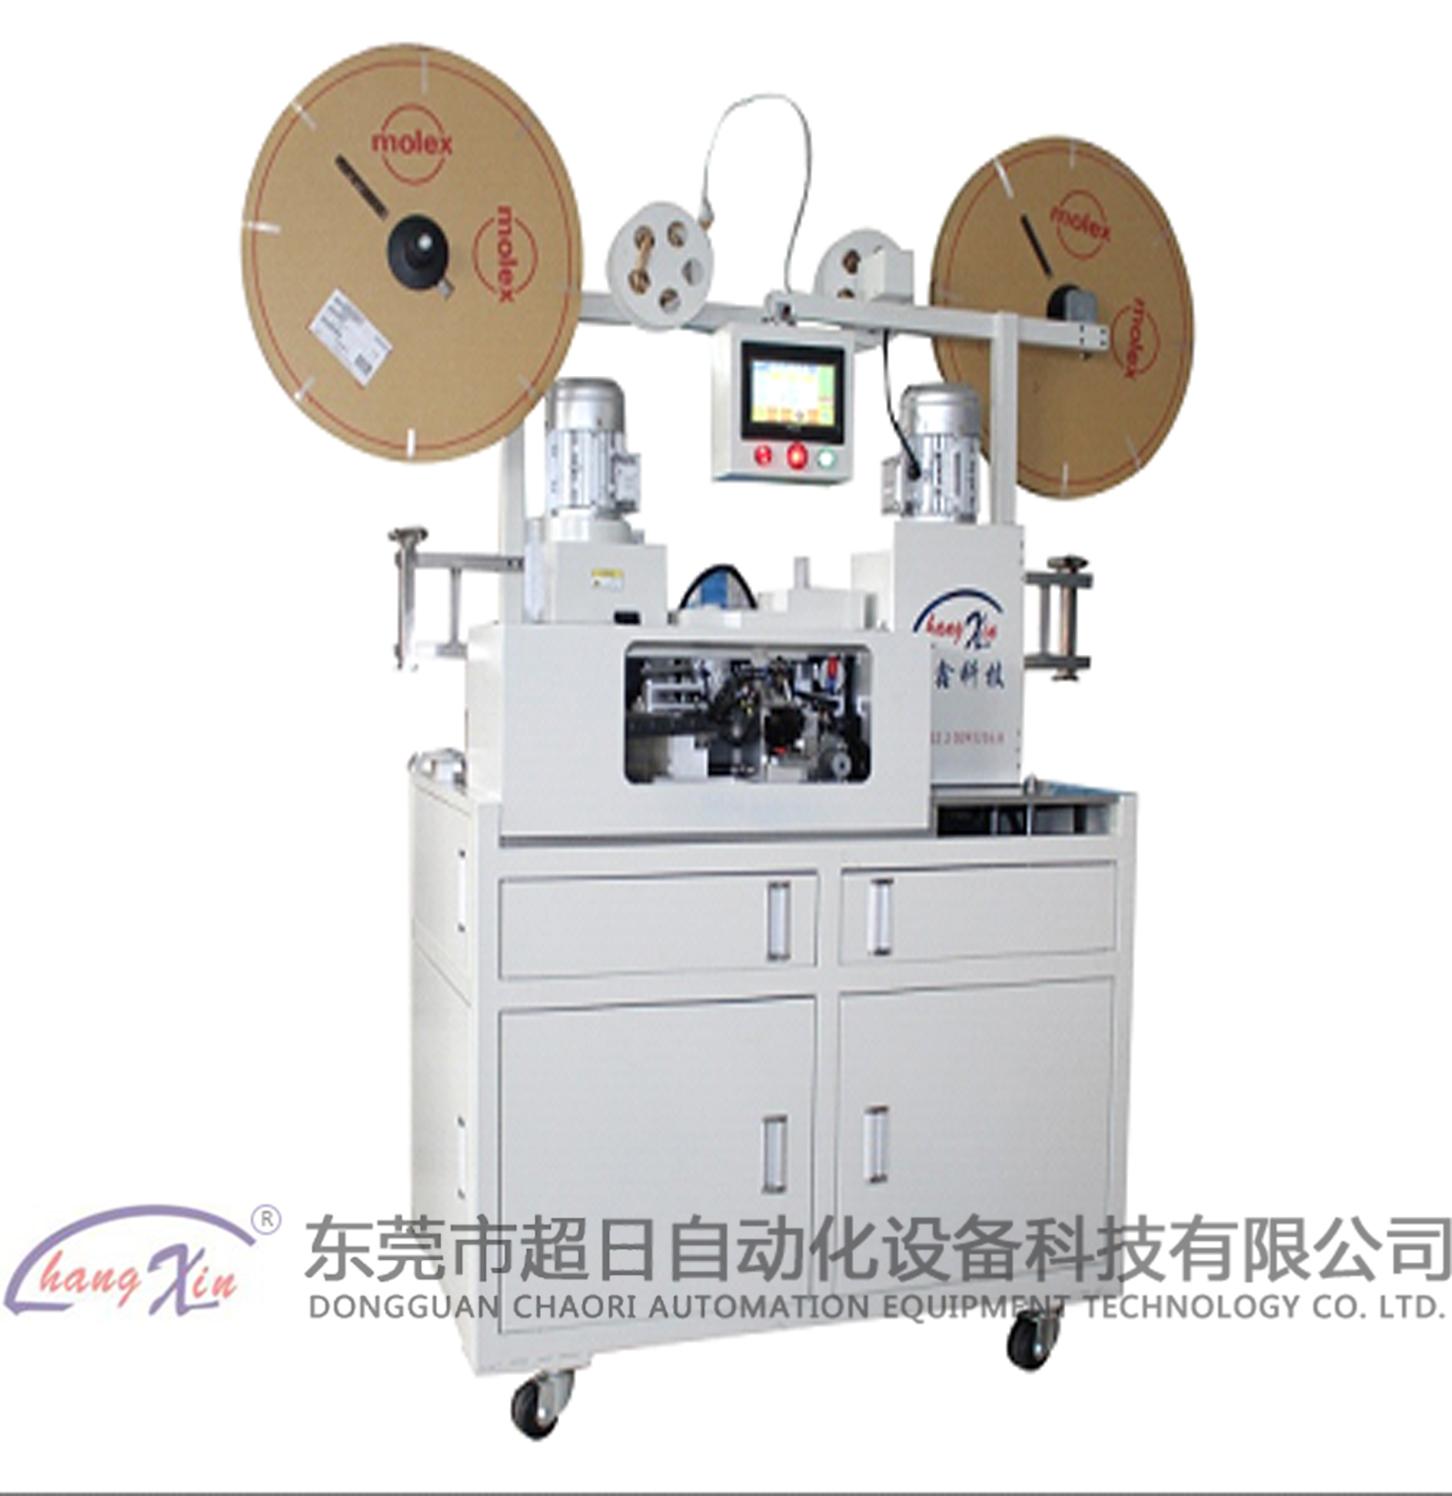 全自动排线端子机(双头)CX-001